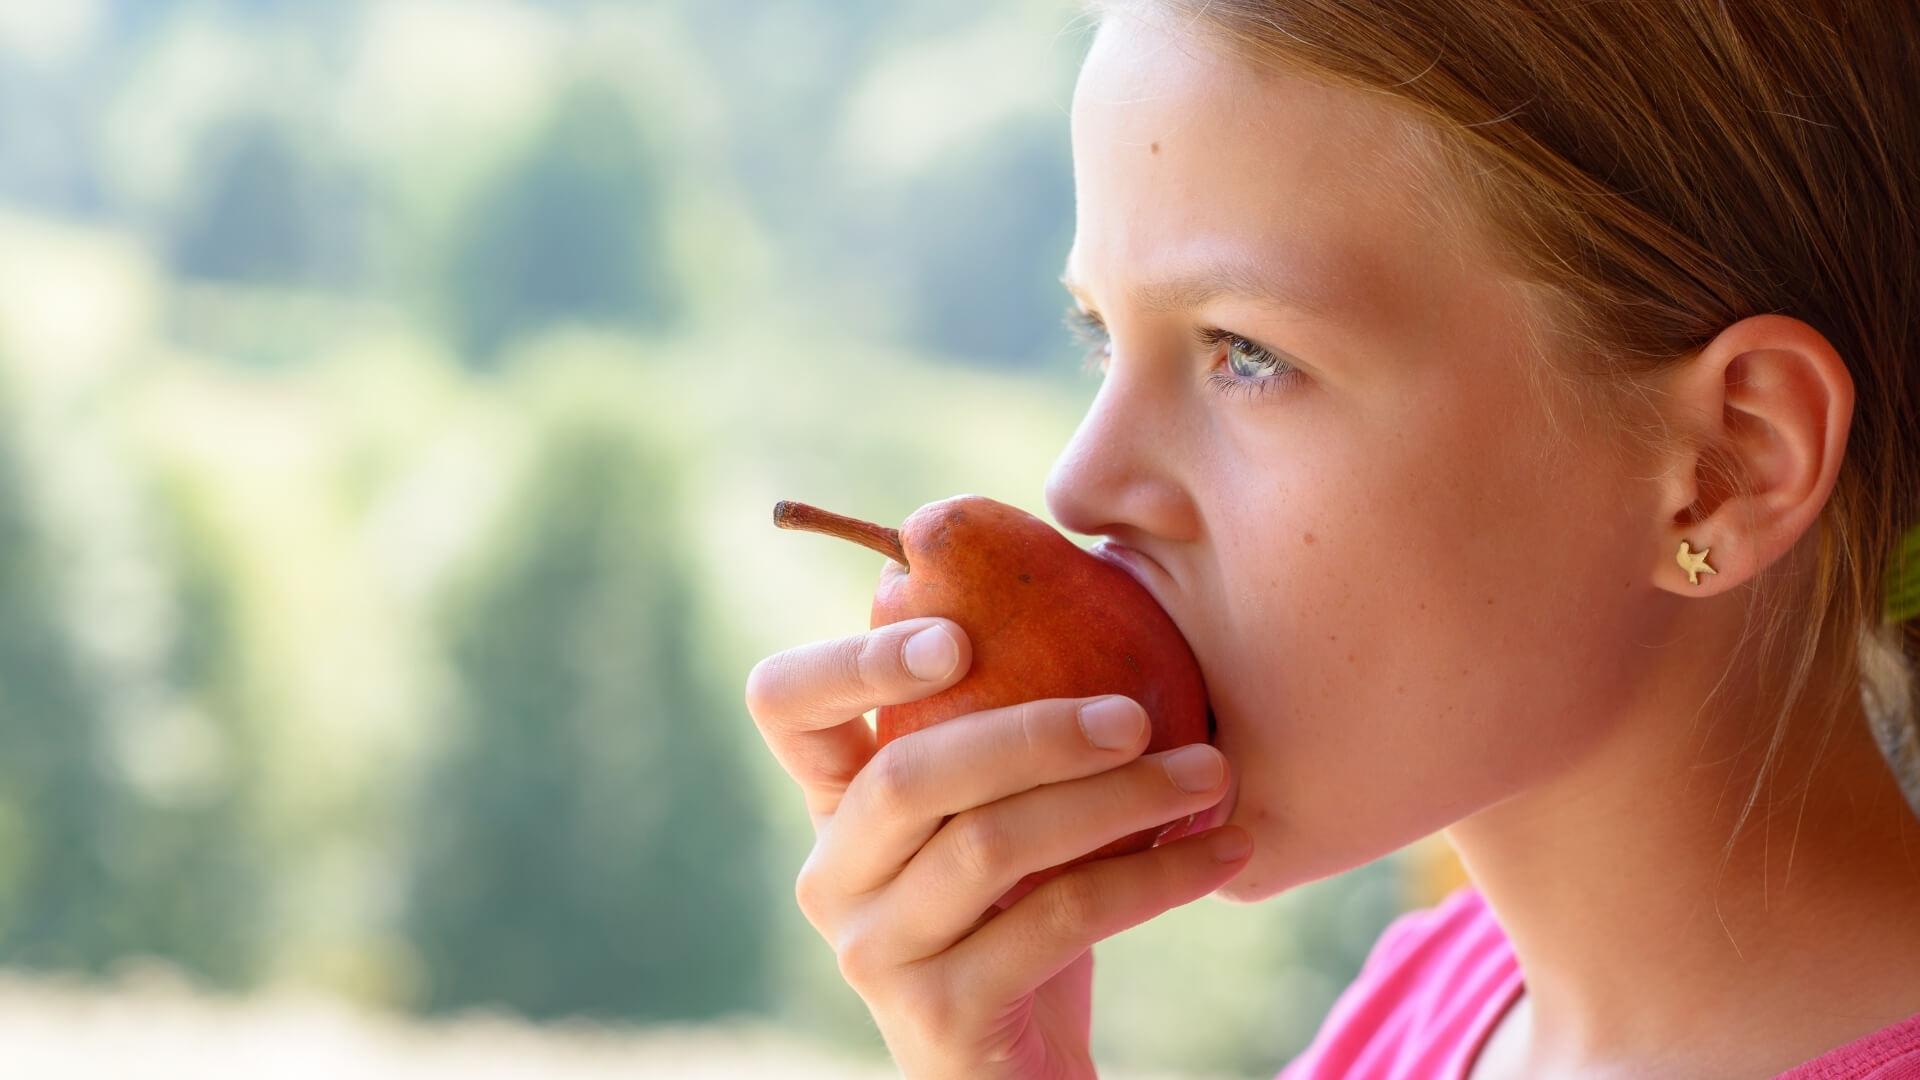 bambina che mangia una pera nel momento giusto della giornata